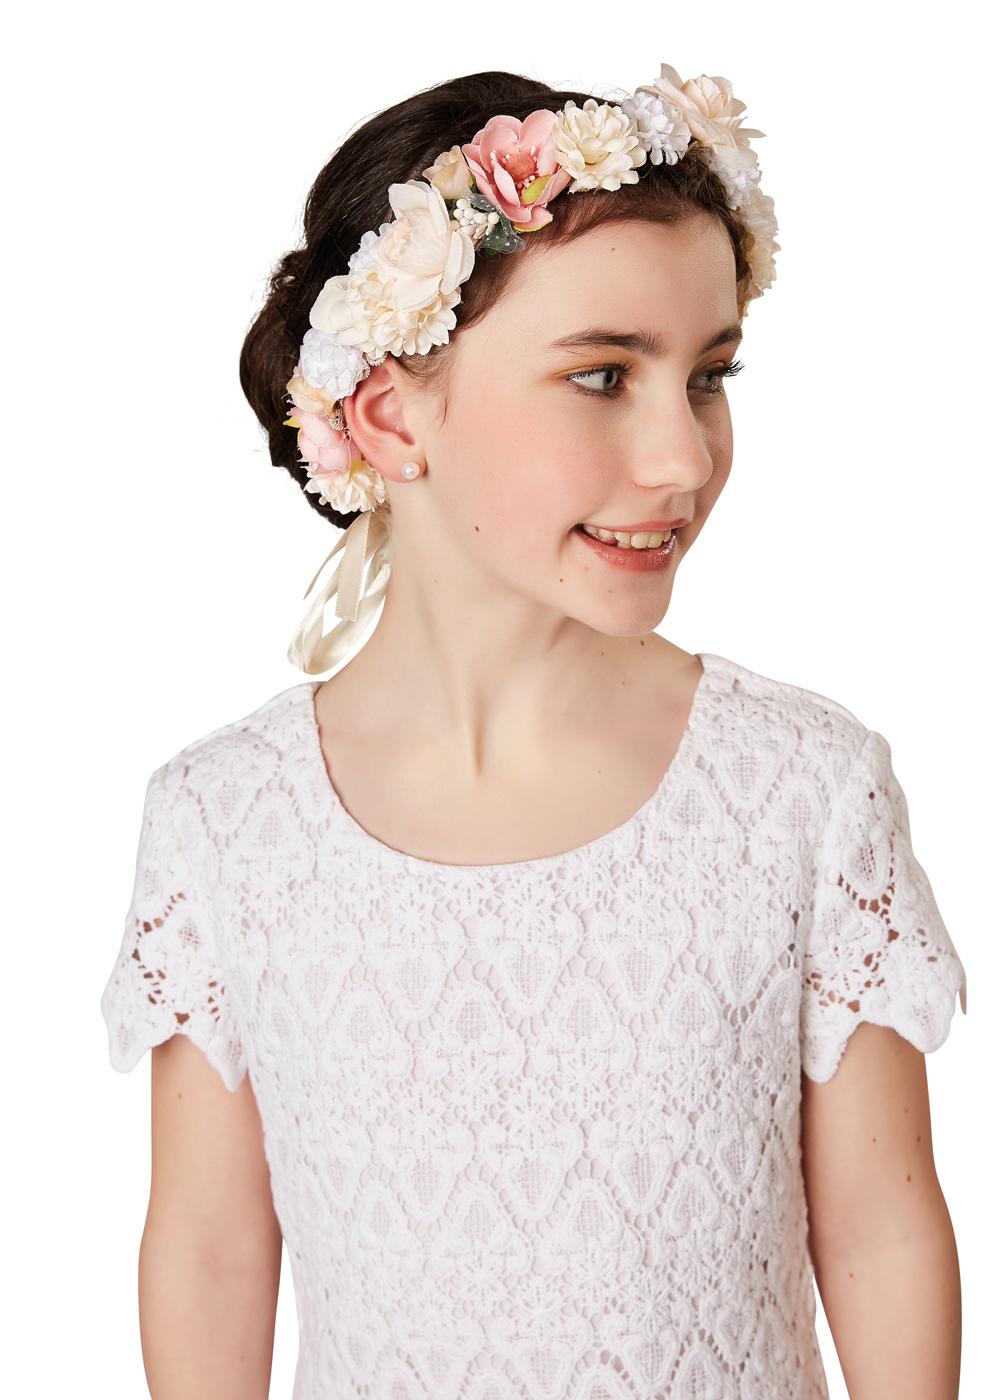 Kommunion Accessoires für Mädchen. Haarschmuck Modell  254660 Mak 4c